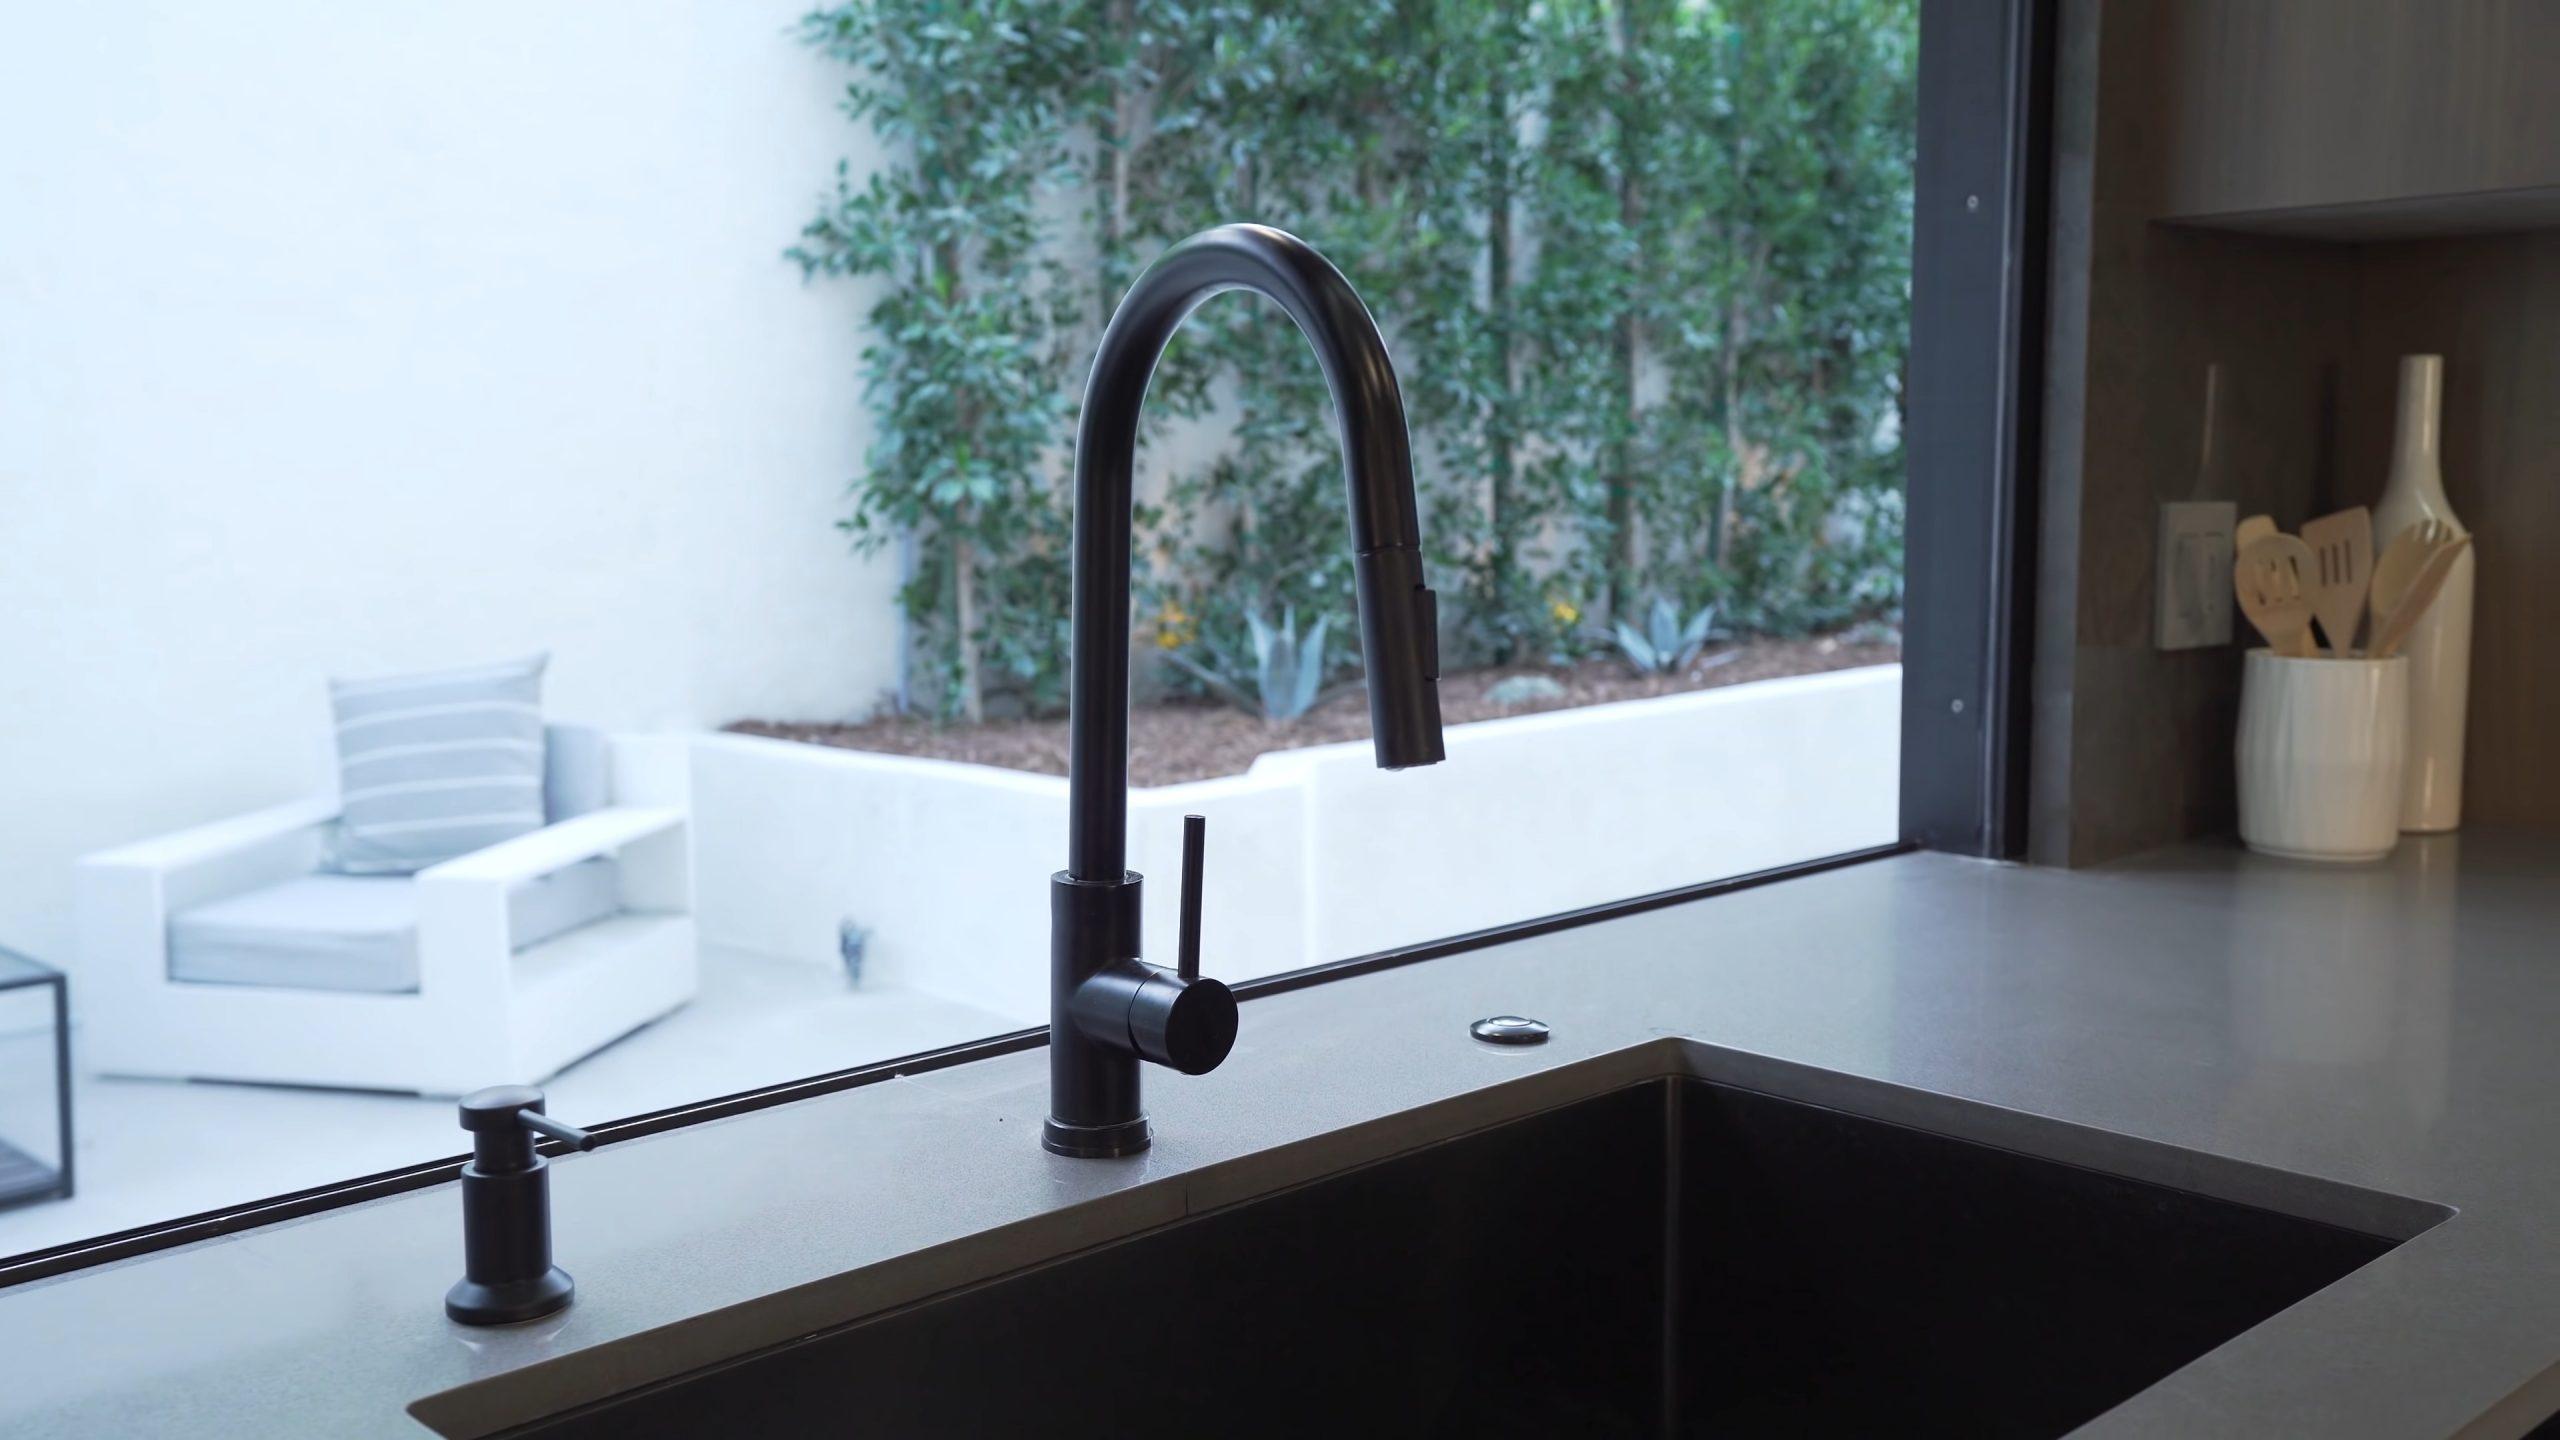 Modern metal sink with a dark black finish. black metal kitchen sink design. Modern sinks.